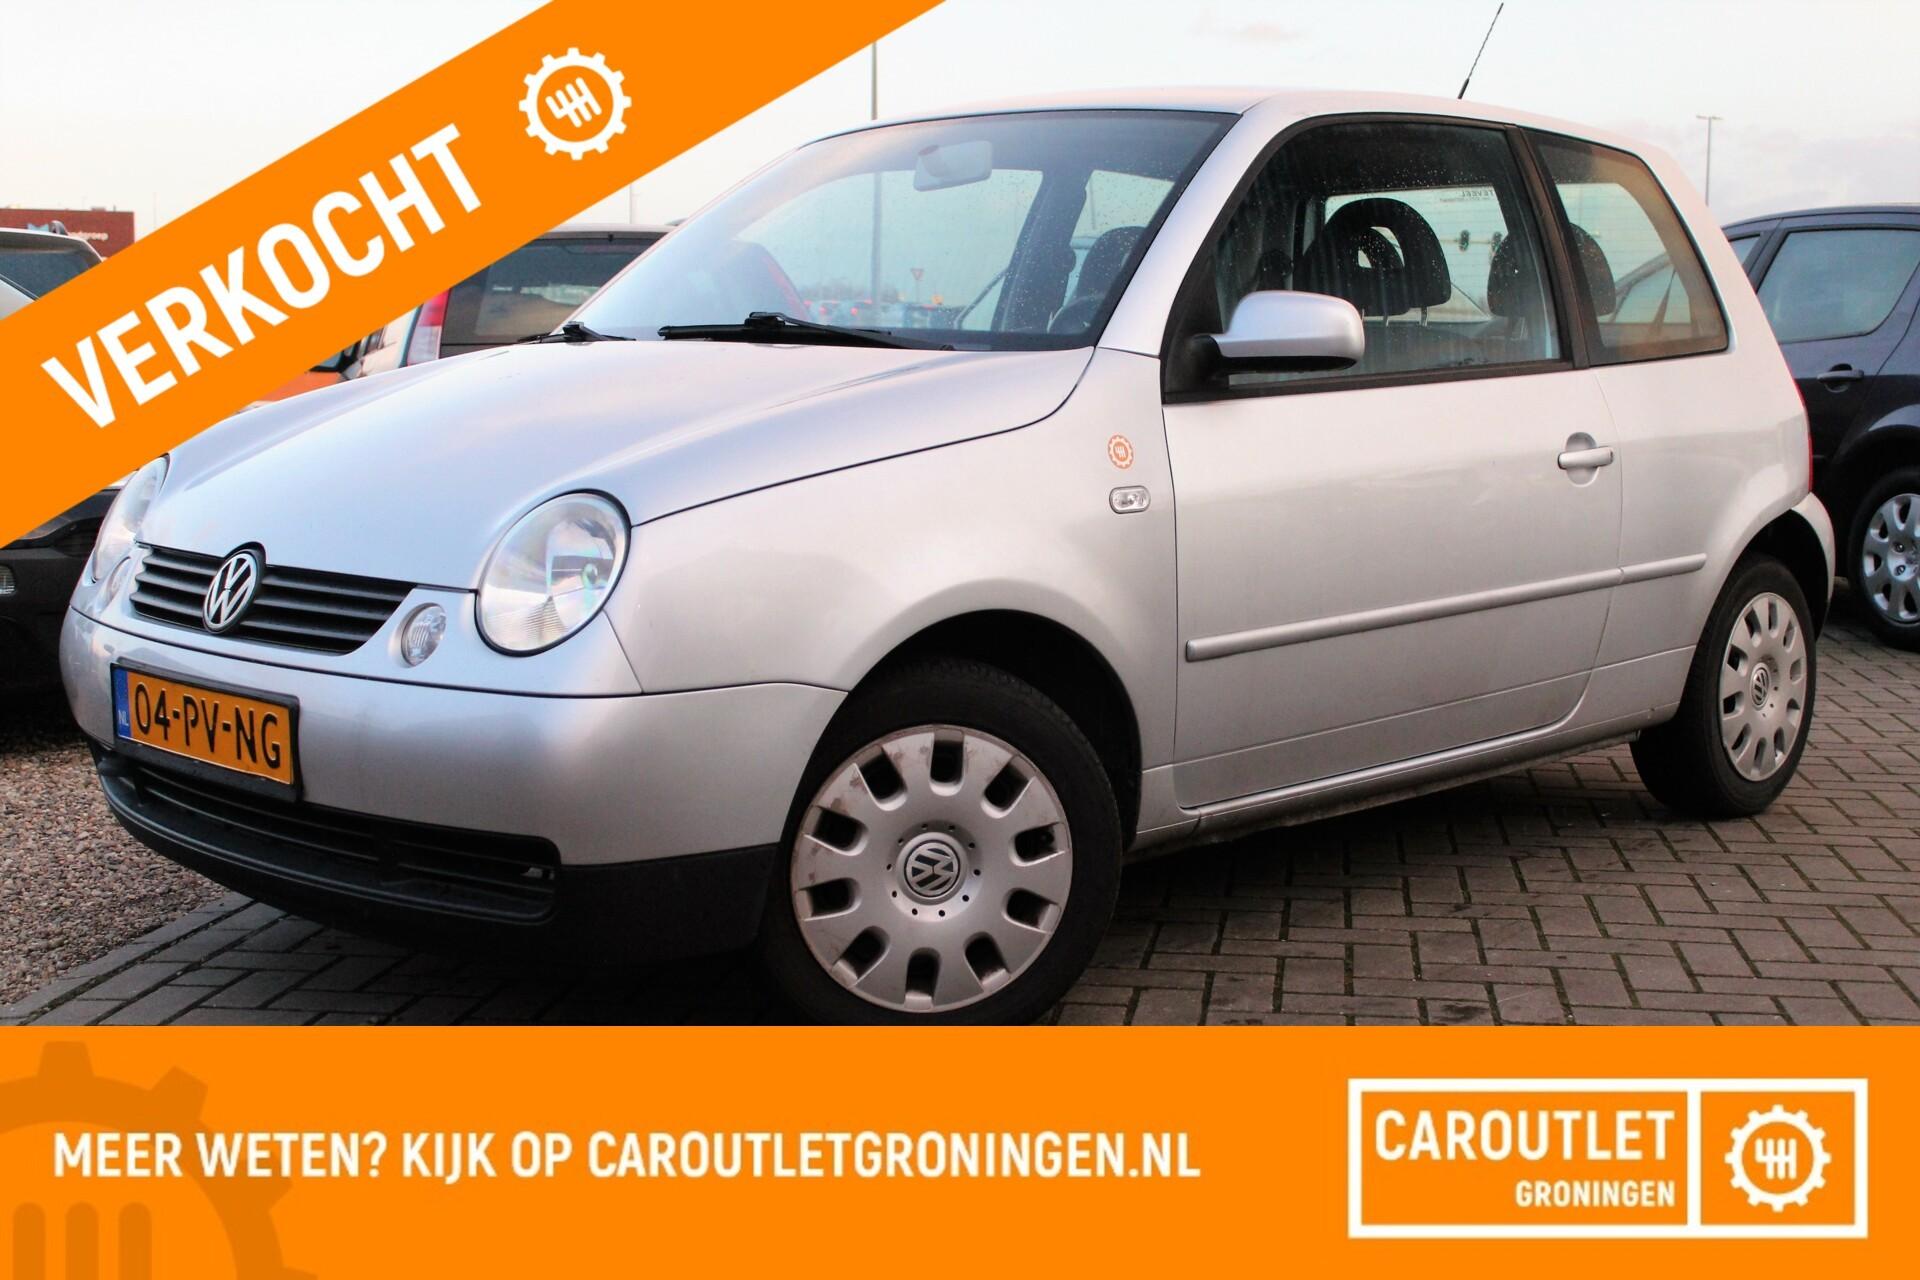 Volkswagen Lupo 1.4 Athene | NET BINNEN | 2005 | TOPSTAAT